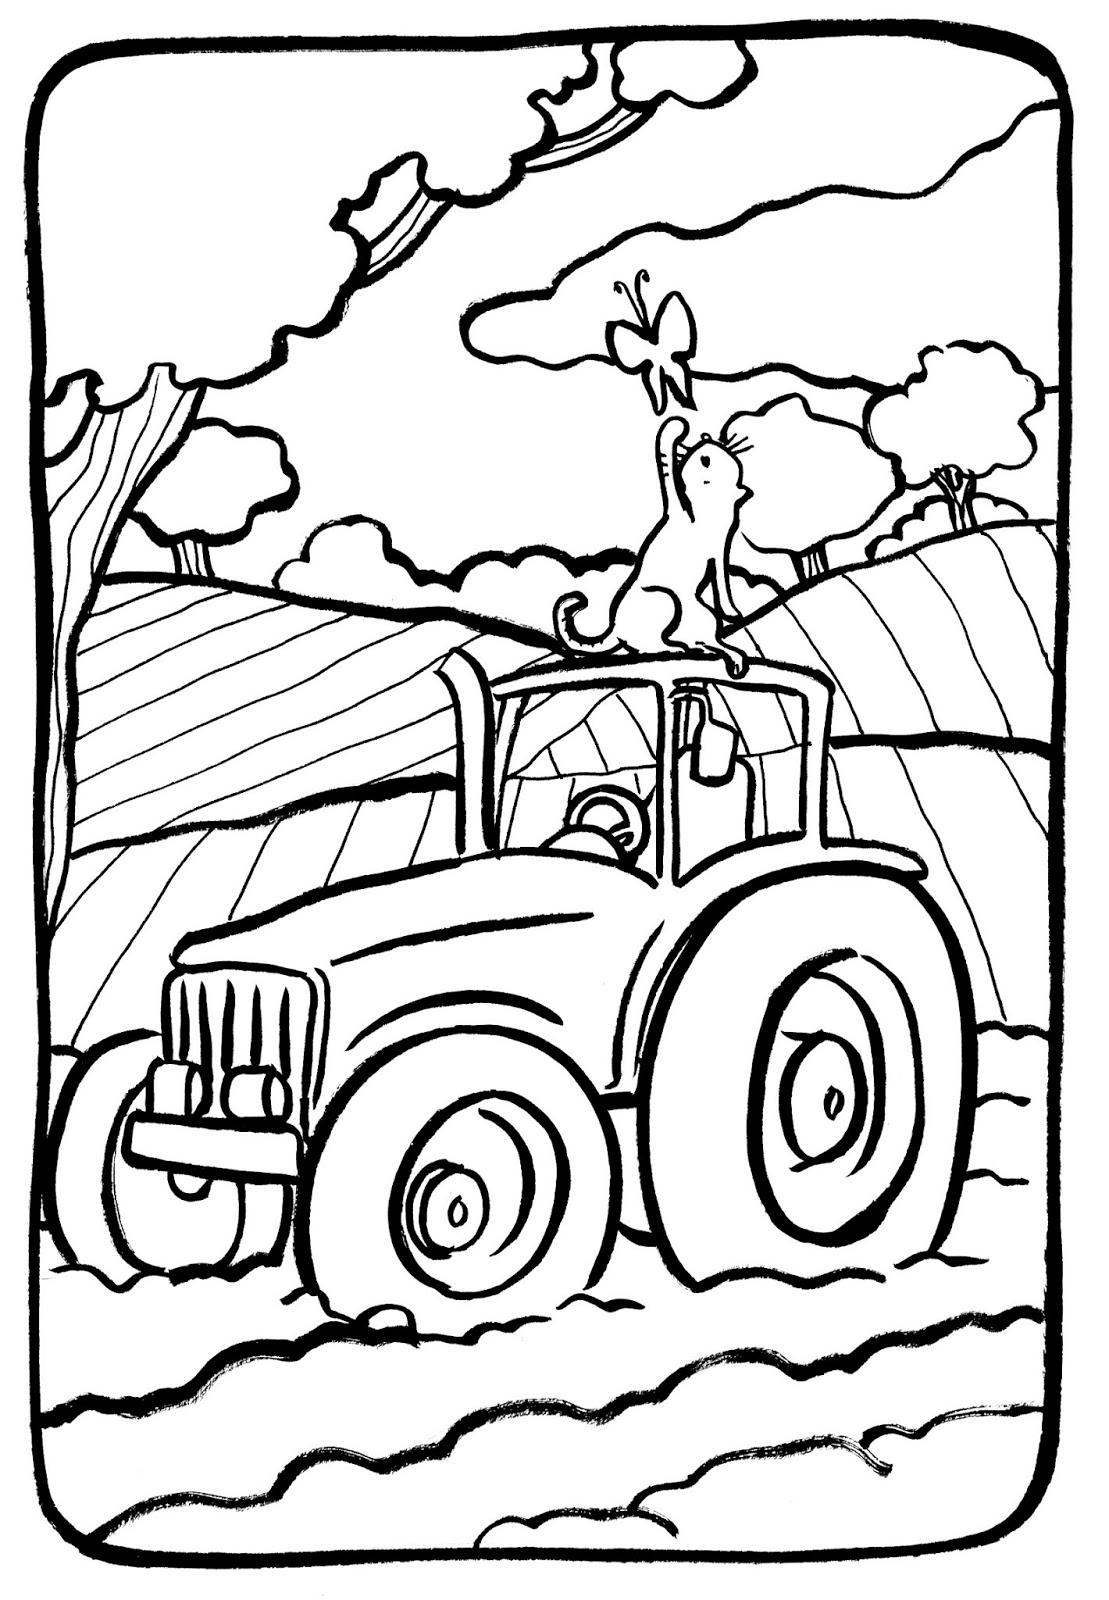 Dessin tracteur colorier - Dessin de tracteur a colorier ...